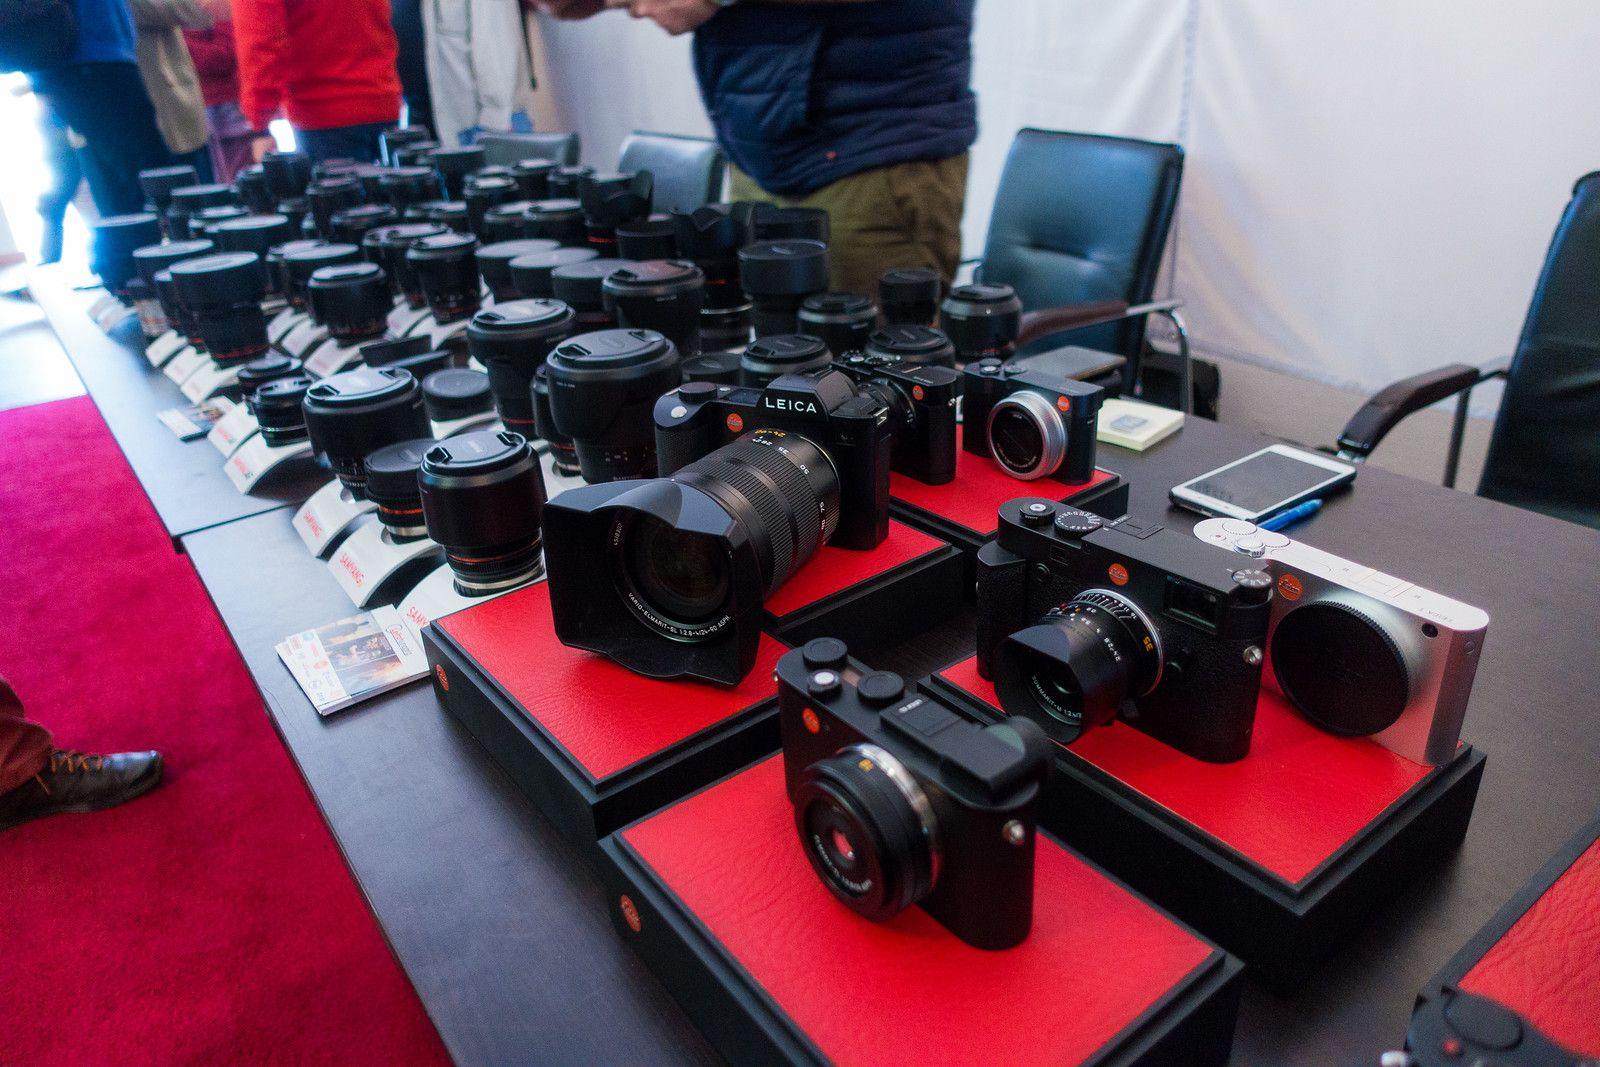 Leica a termeszetfoto fesztivalon